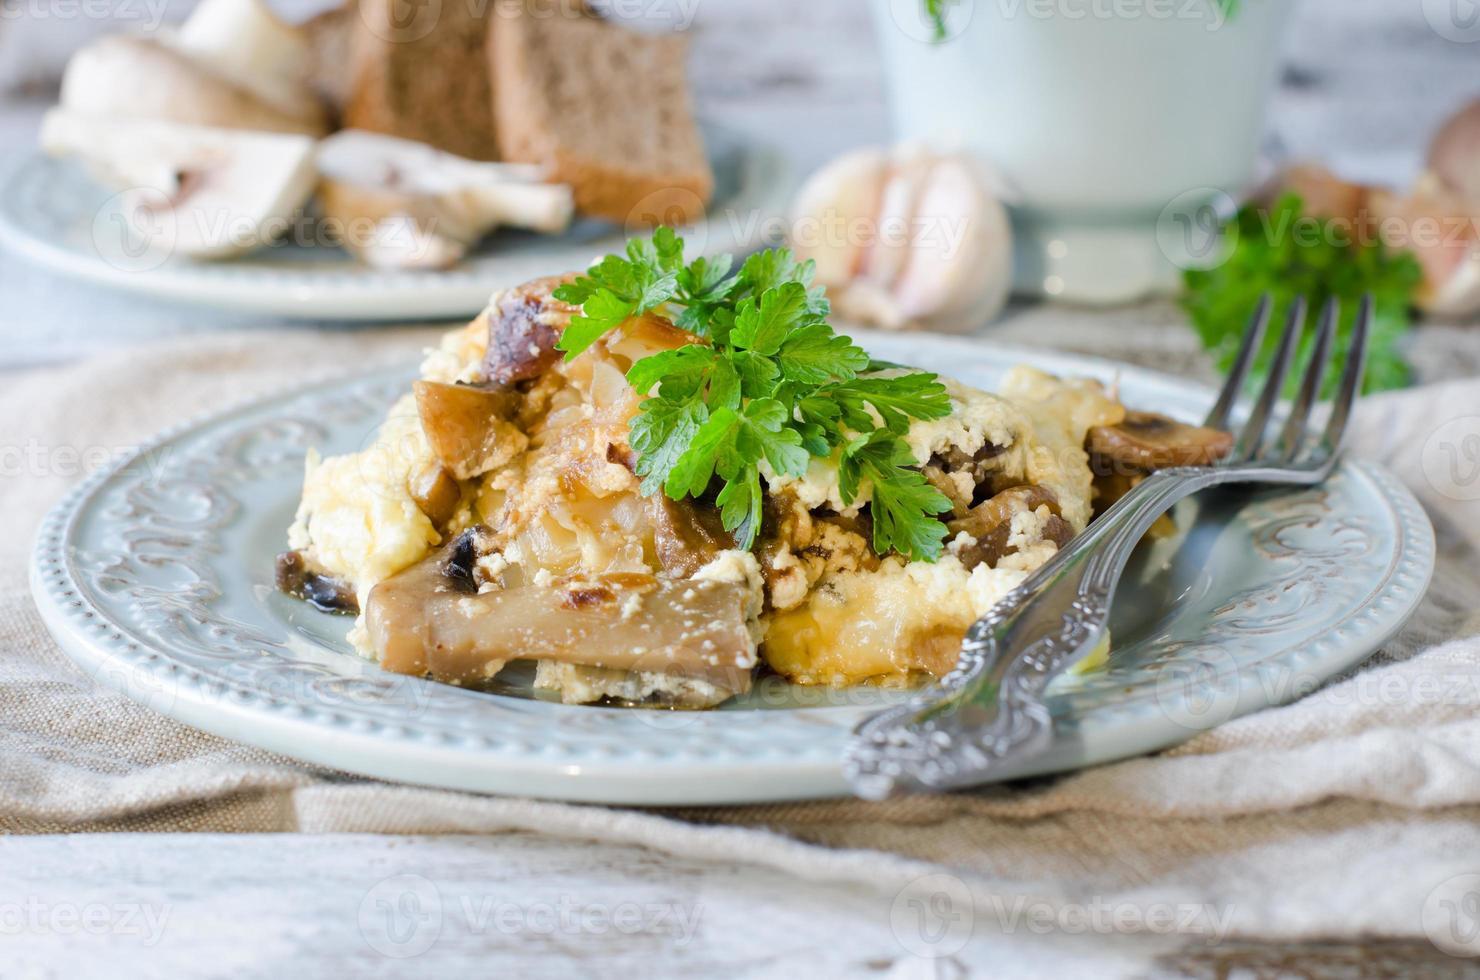 repolho e cogumelos assados com queijo foto